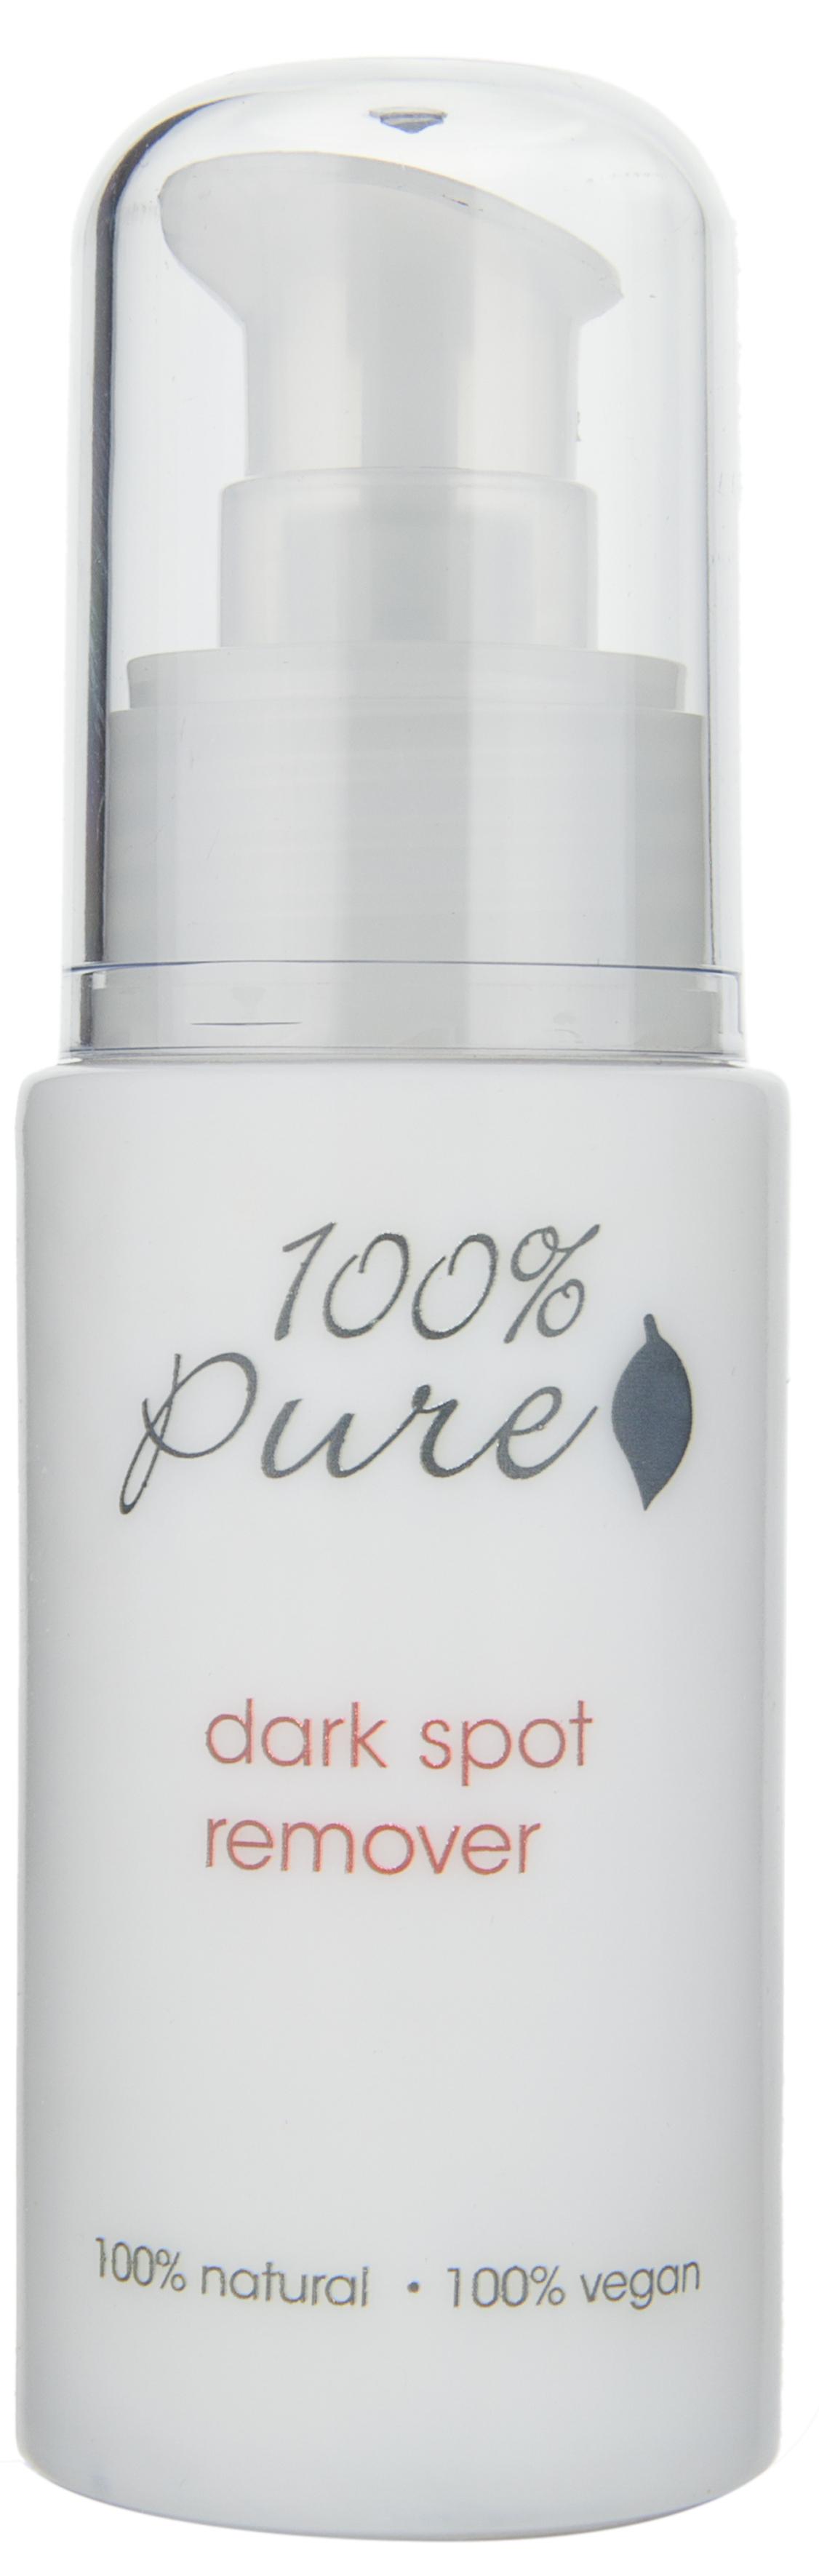 100% PURE Сыворотка для выравнивания тона кожи на лице, точечное лечение 30 мл